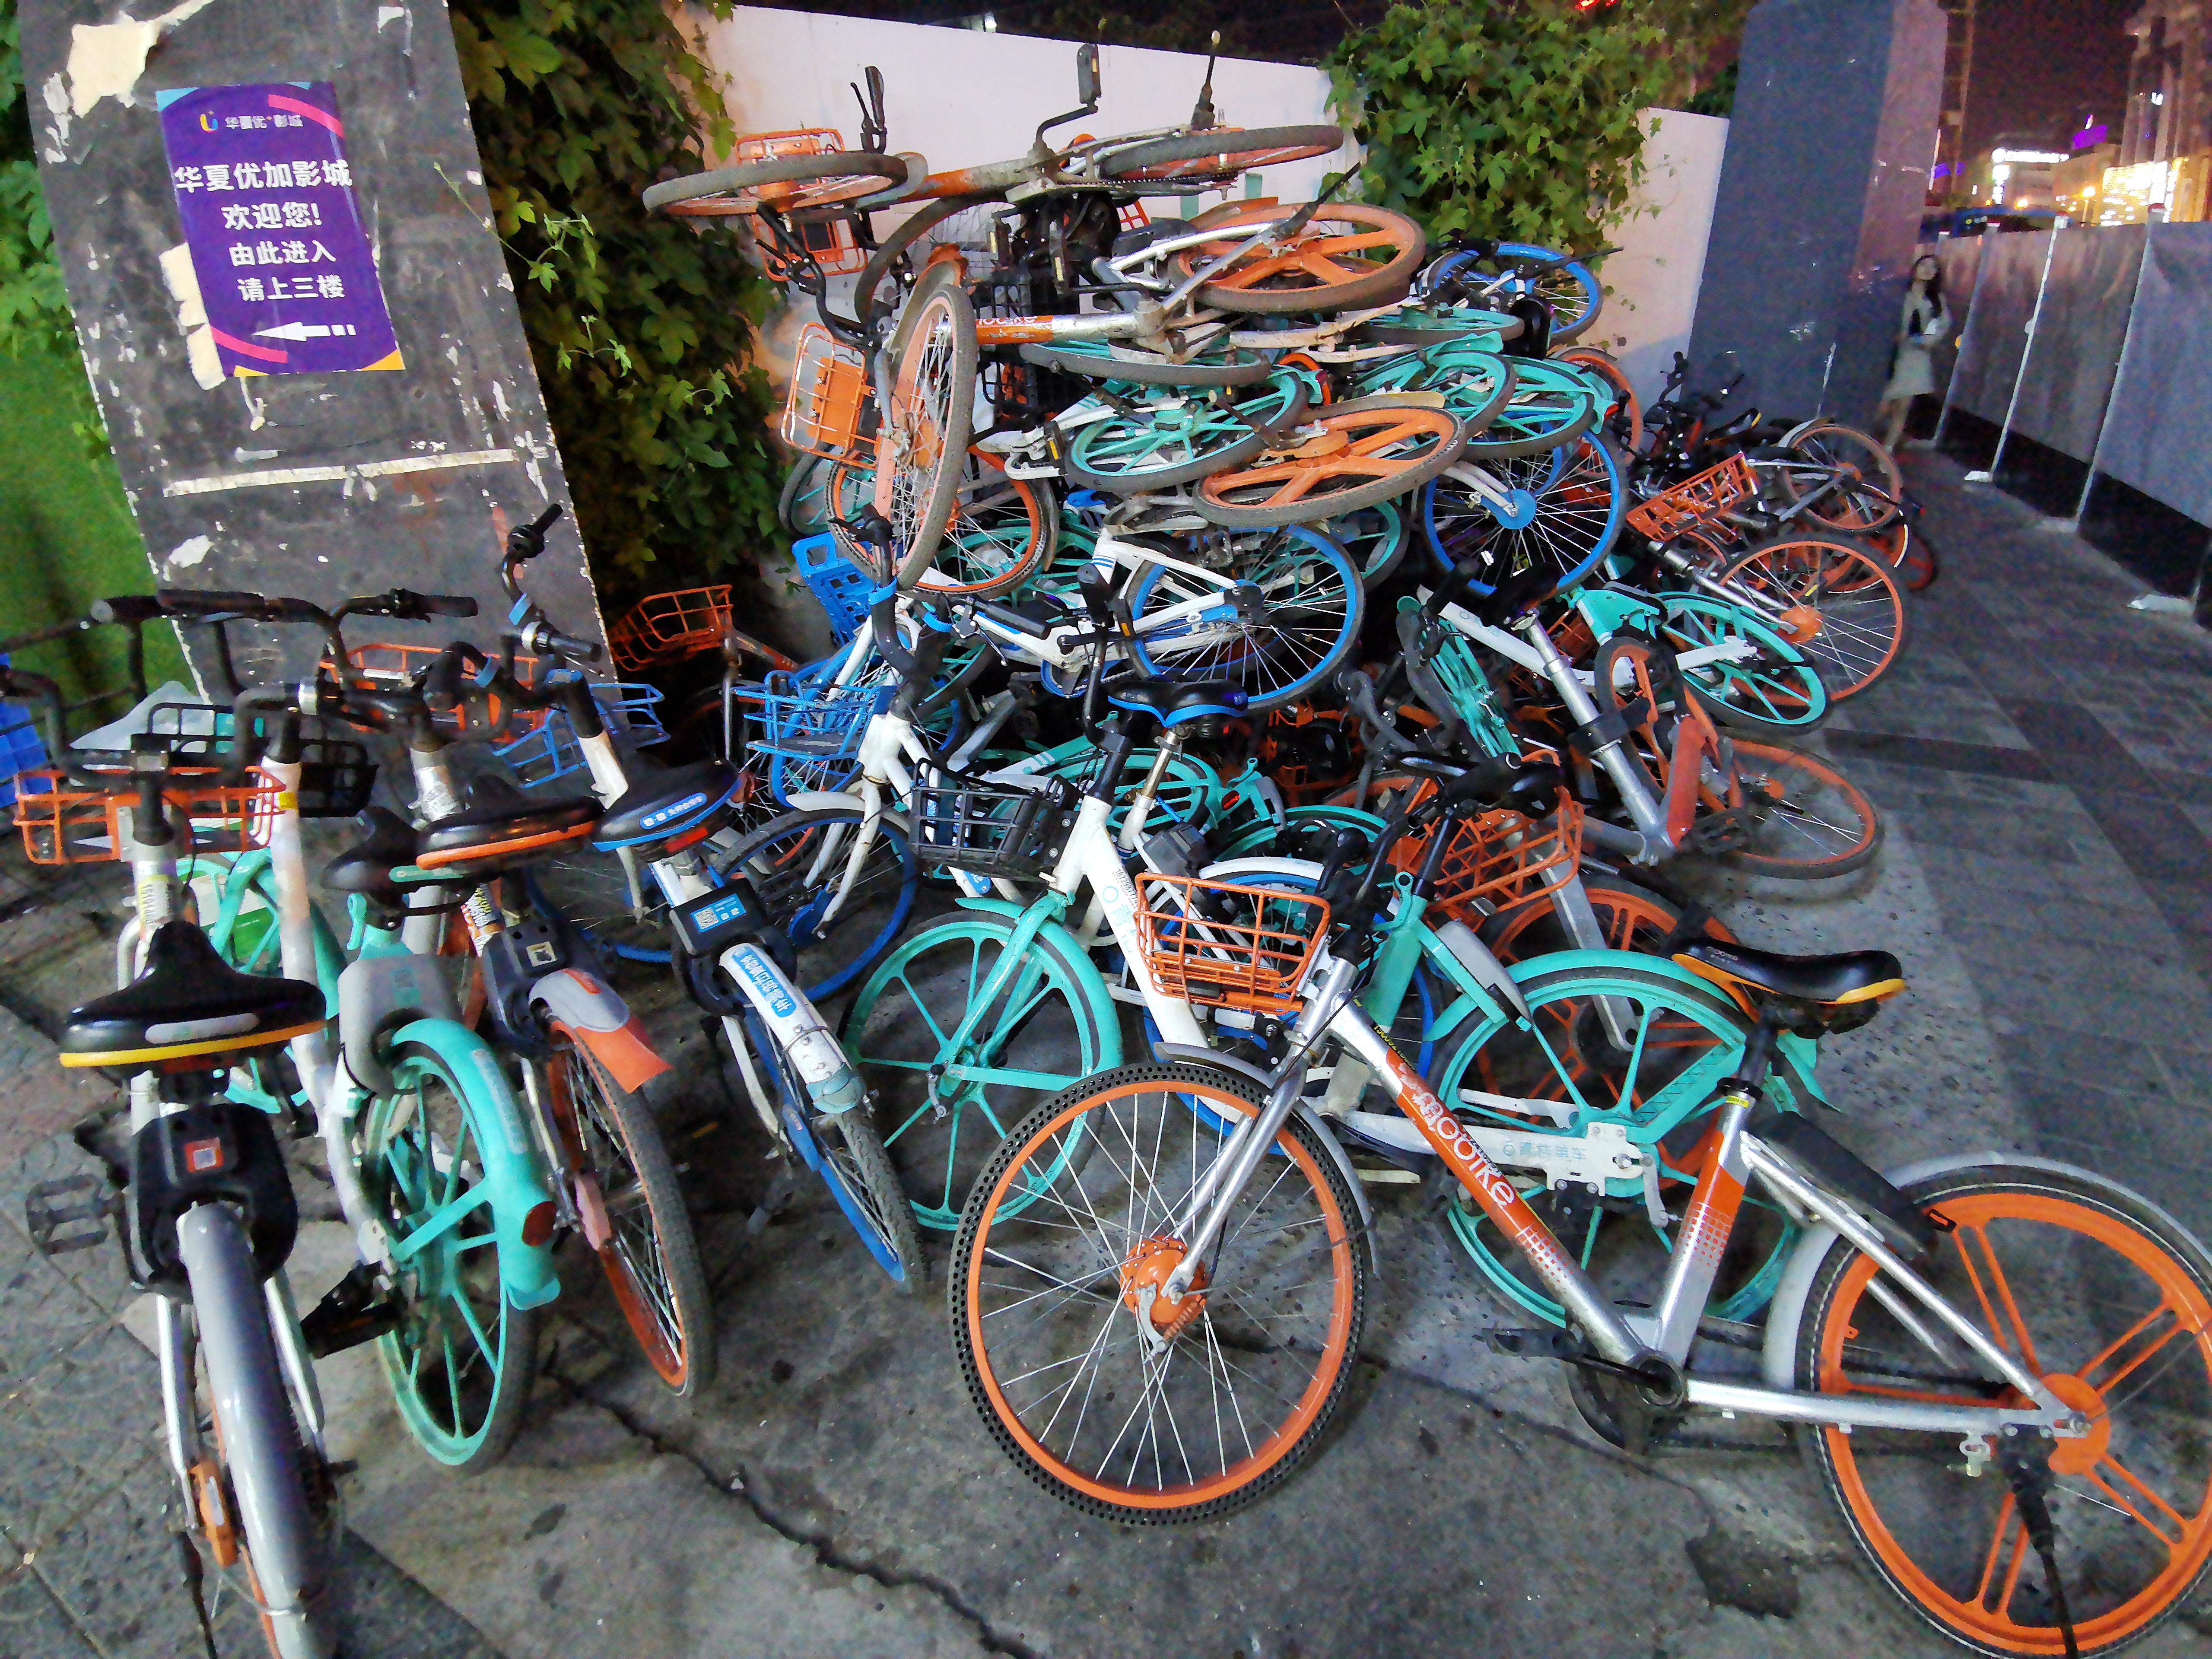 Voulez-vous un vélo? Scannez le code QR, il se déverrouillera. En attendant, il bloque les trottoirs. © Cedric Lizotte